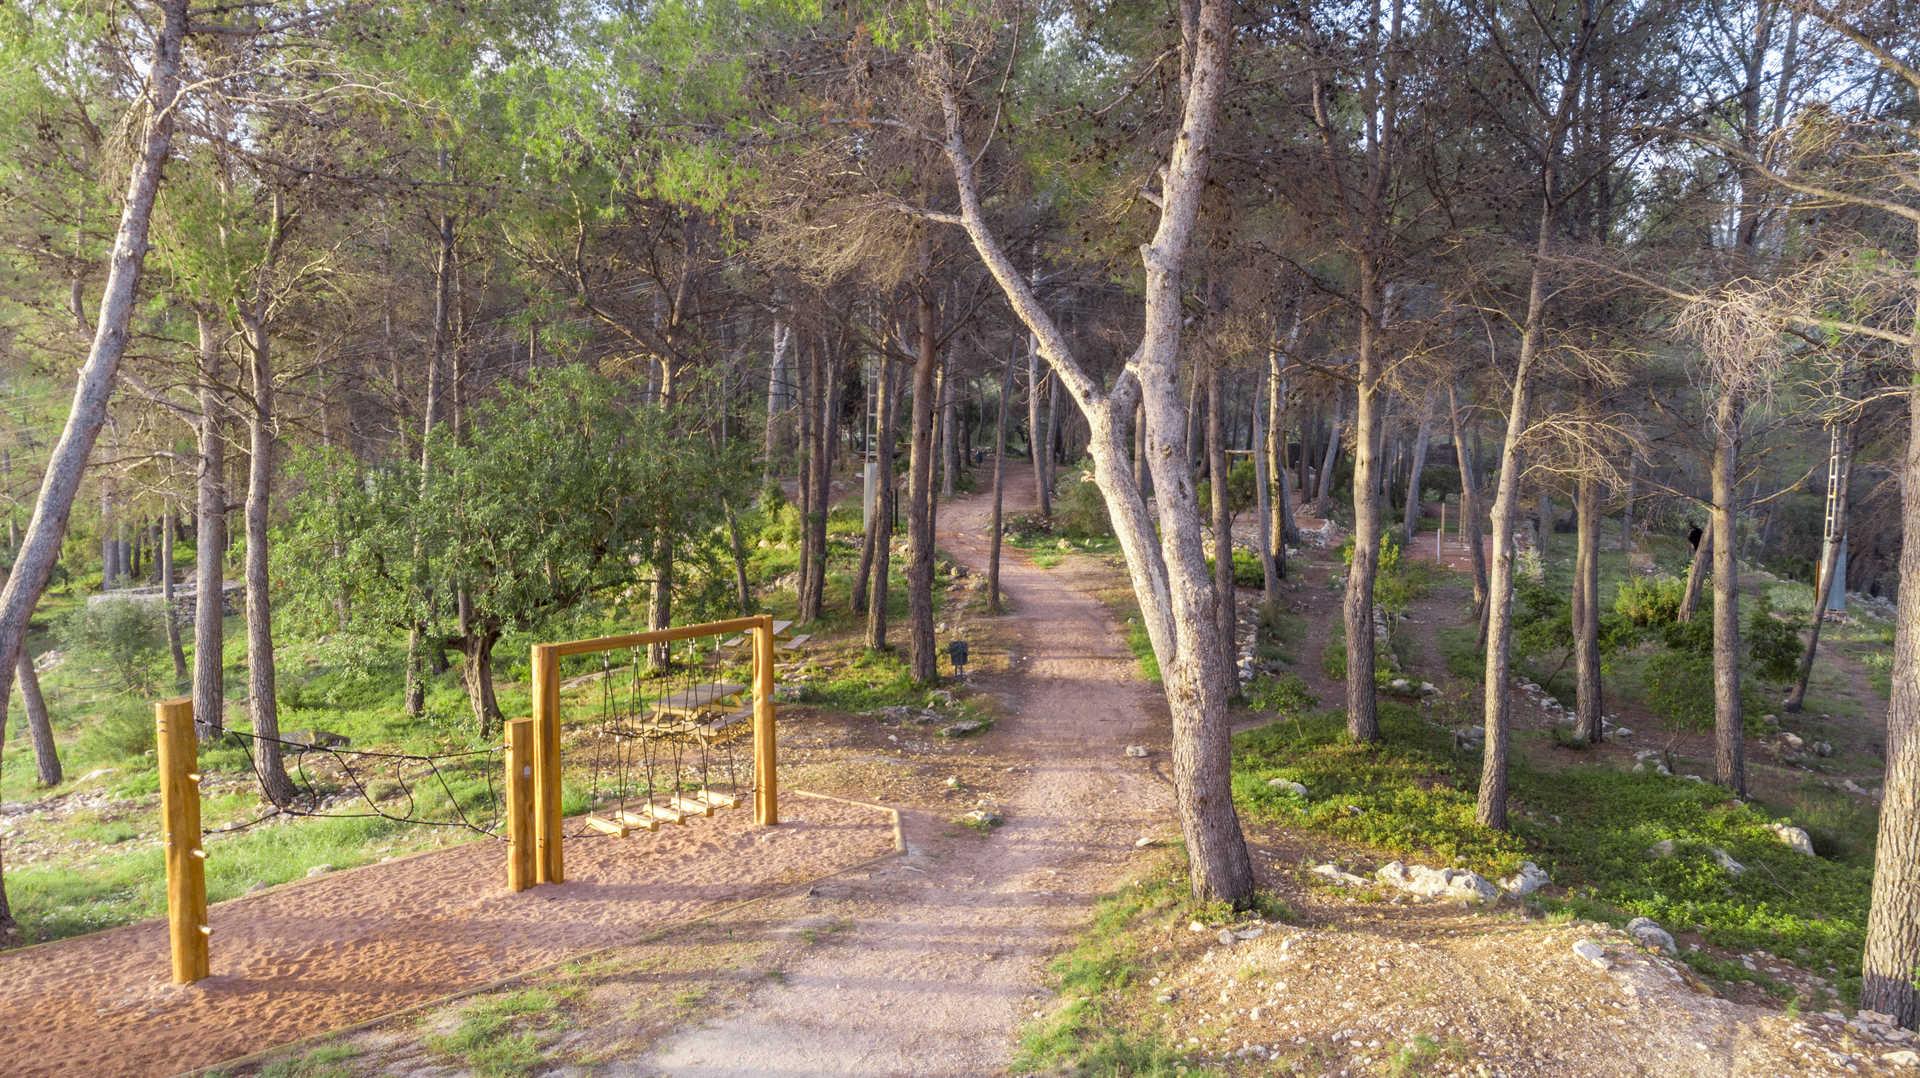 Parc botànic 'El Tossalet' (Parque botánico)